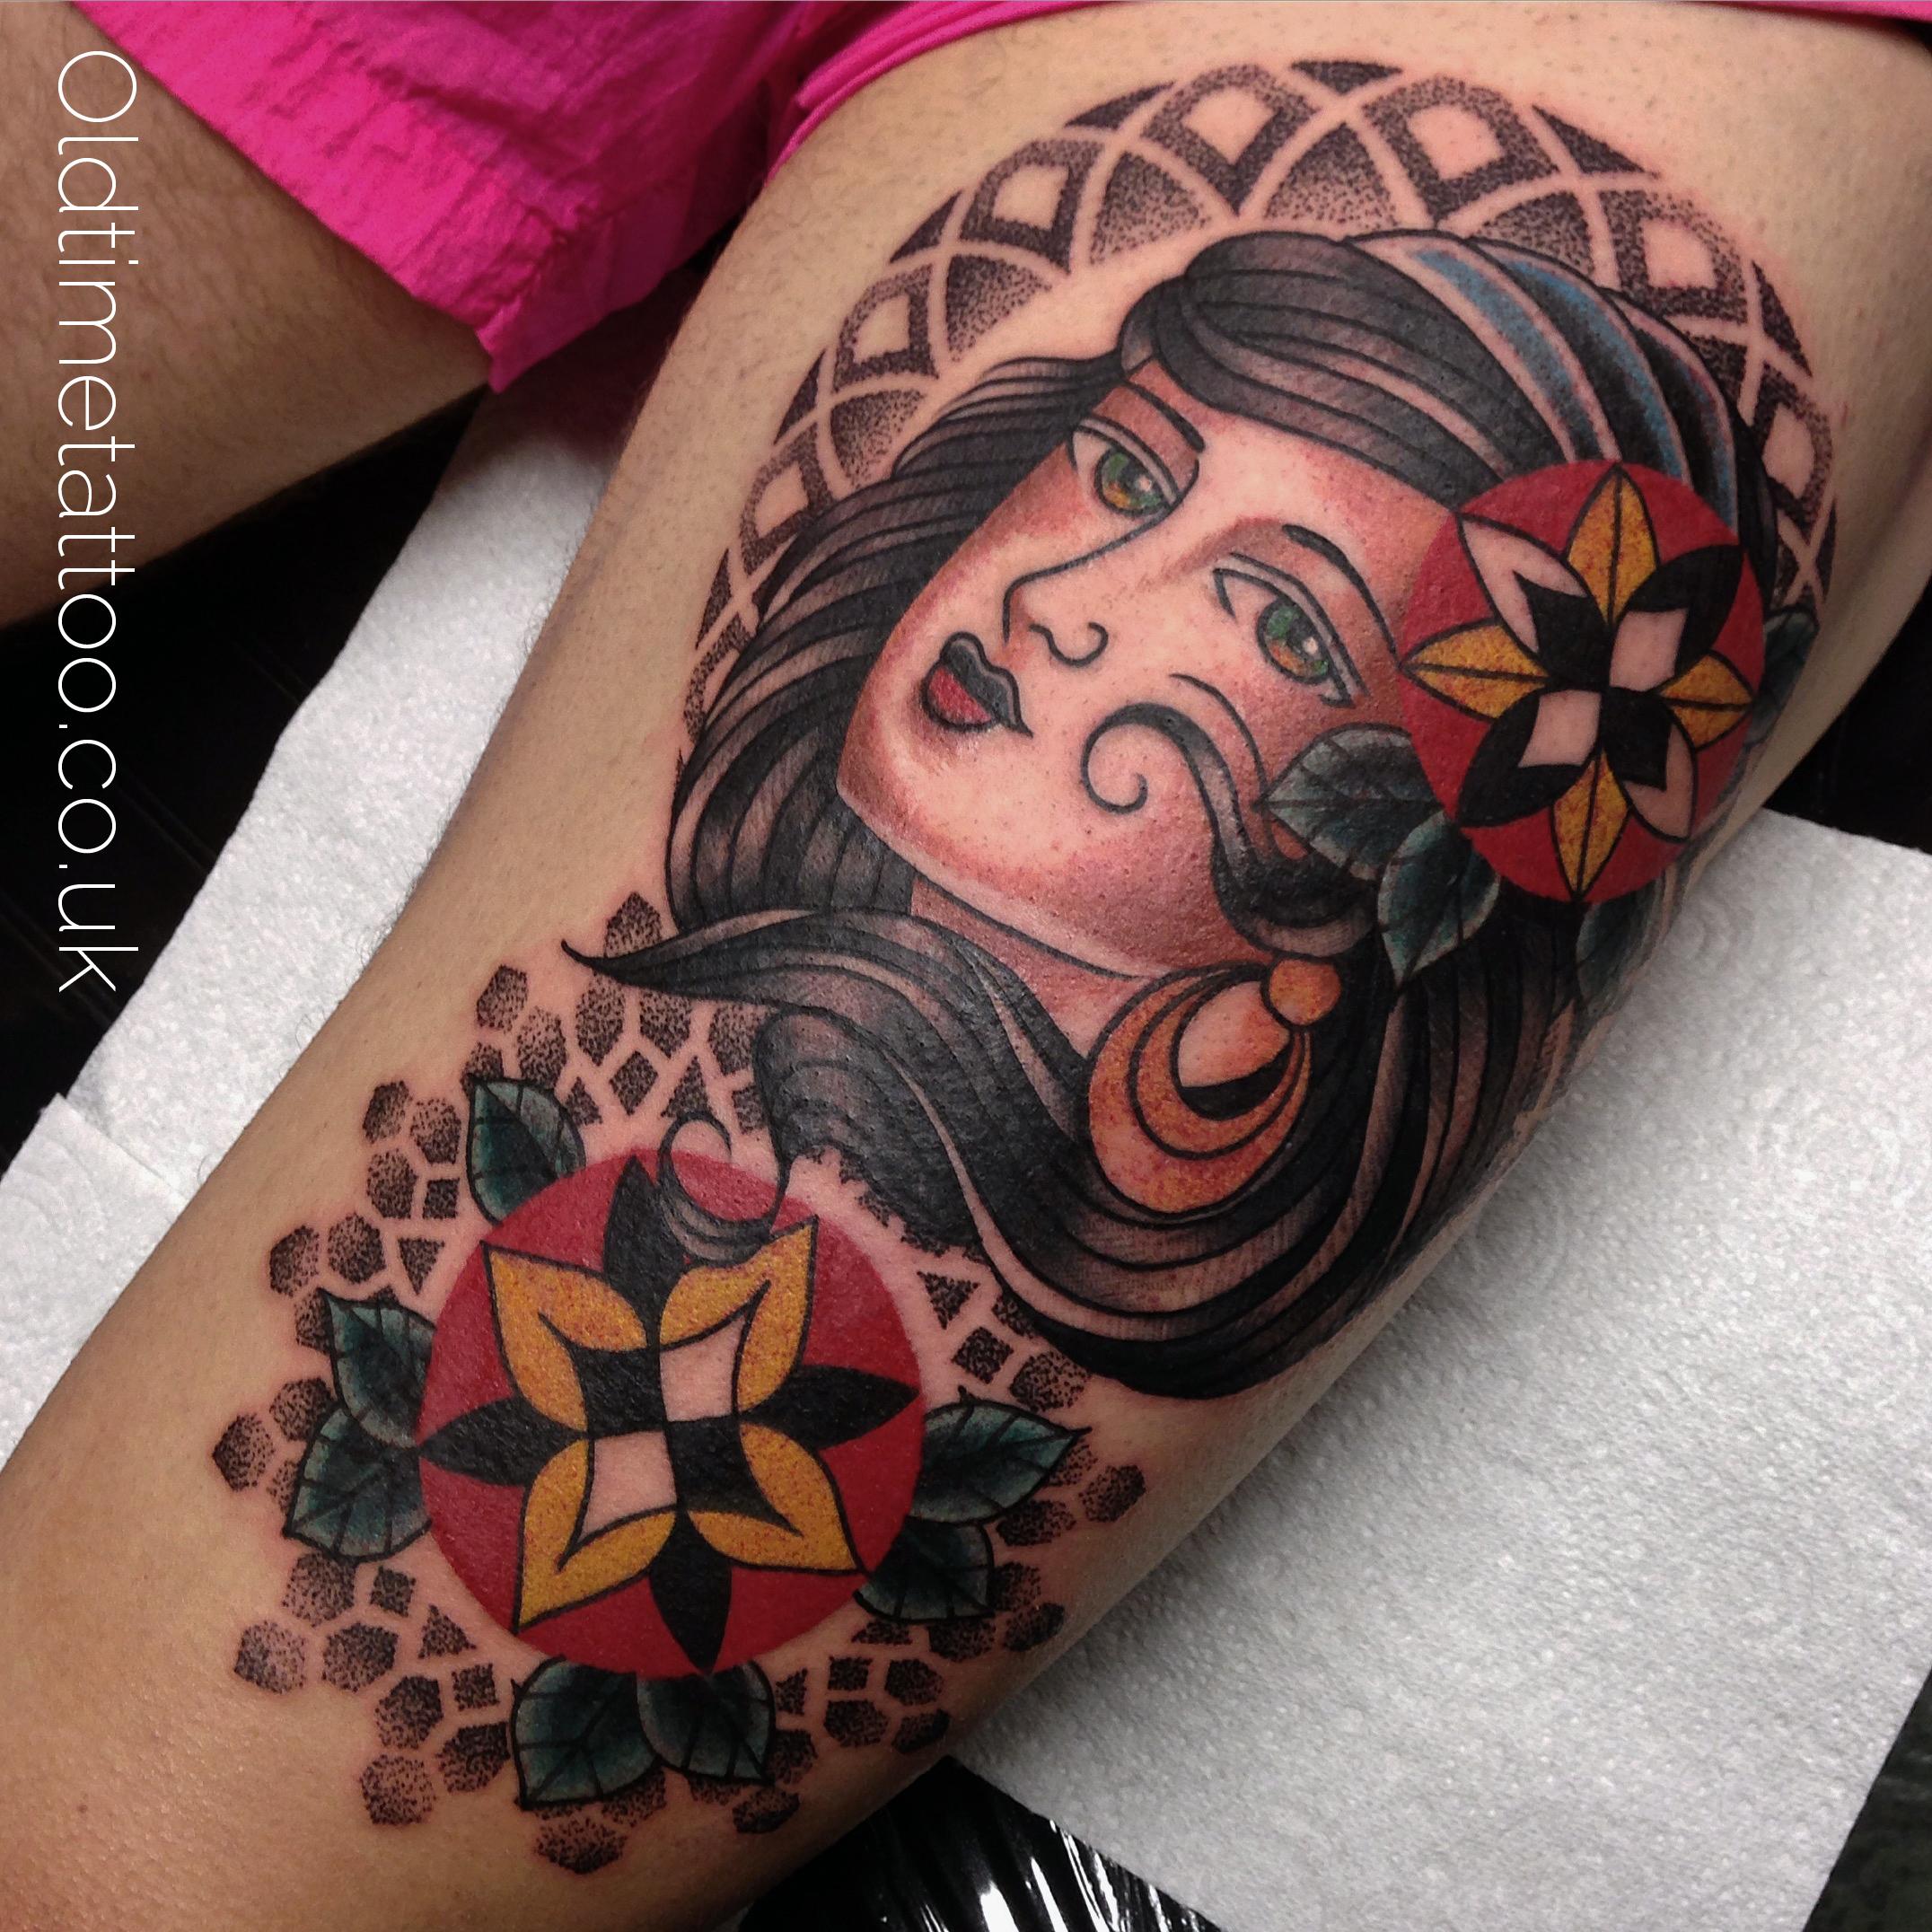 ... girl girls head gypsy josh foulds mandala old school old time tattoo